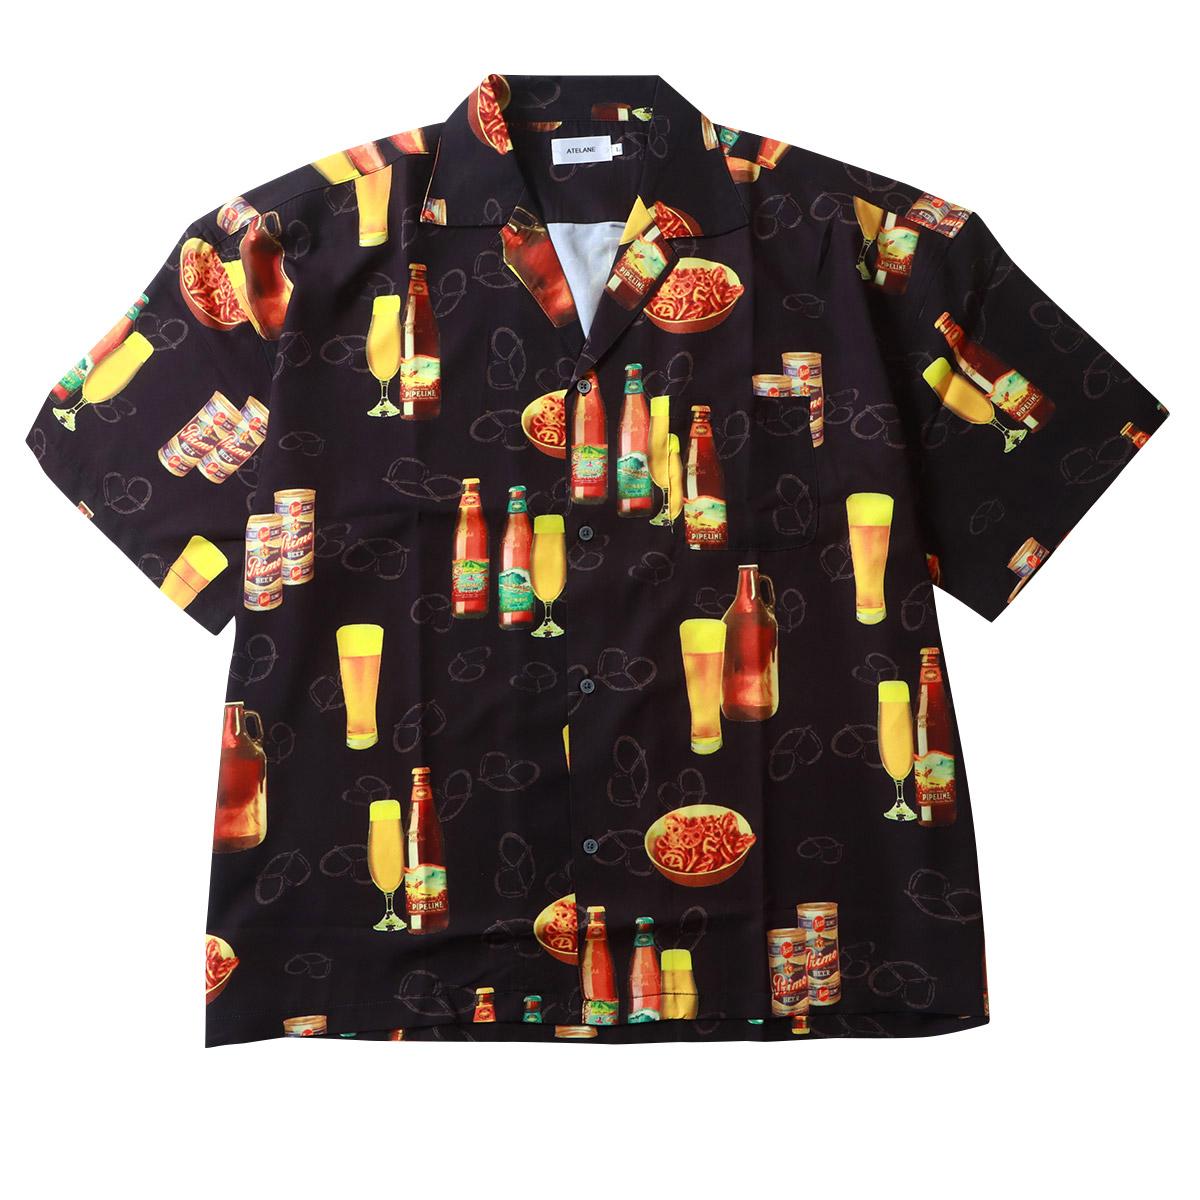 ビール総柄 ポリストレッチ 半袖 オープンシャツ